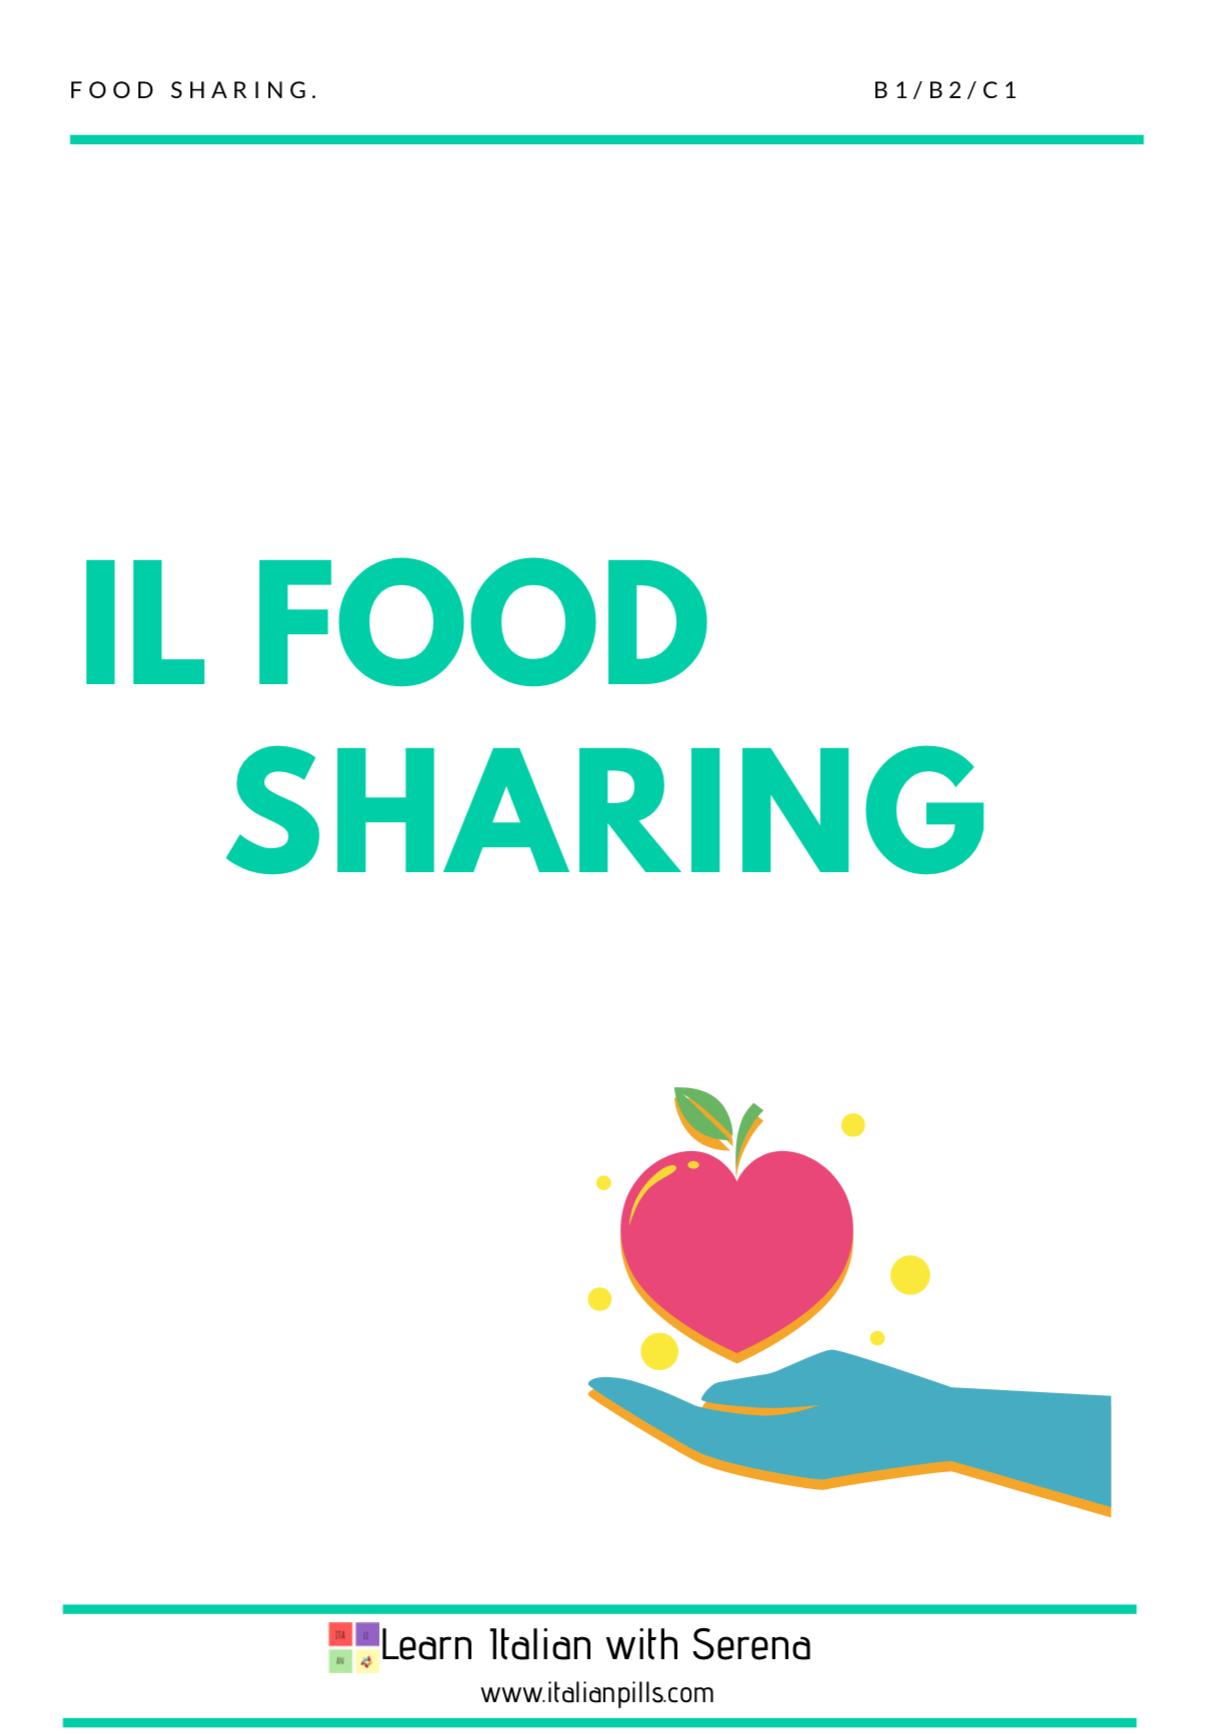 il food sharing (B1/B2/C1)